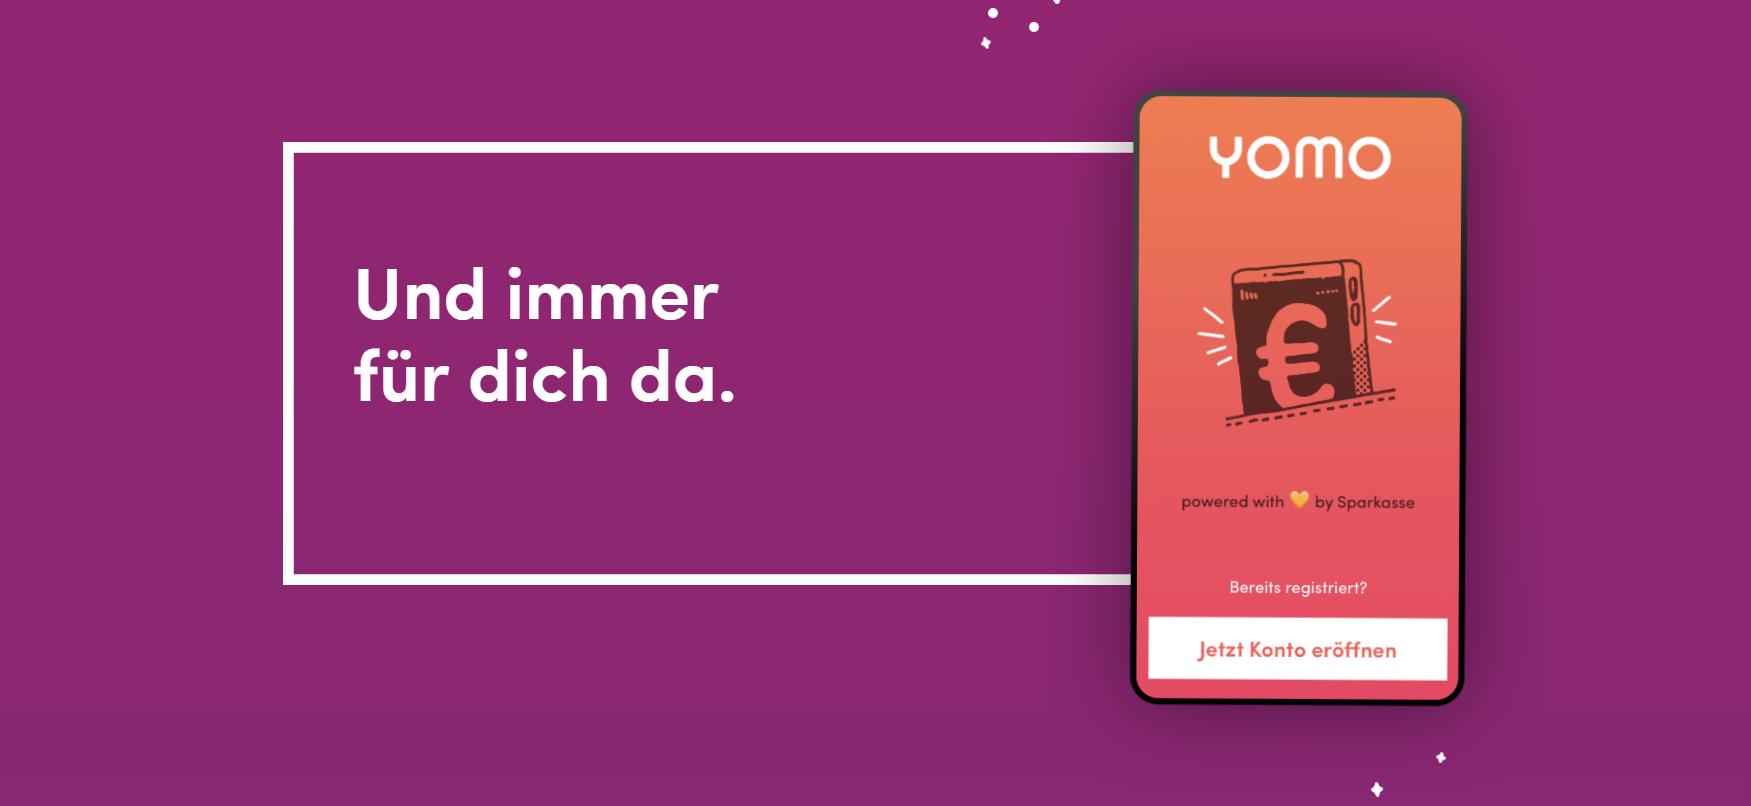 yomo bietet zuverlässigen Kundensupport an